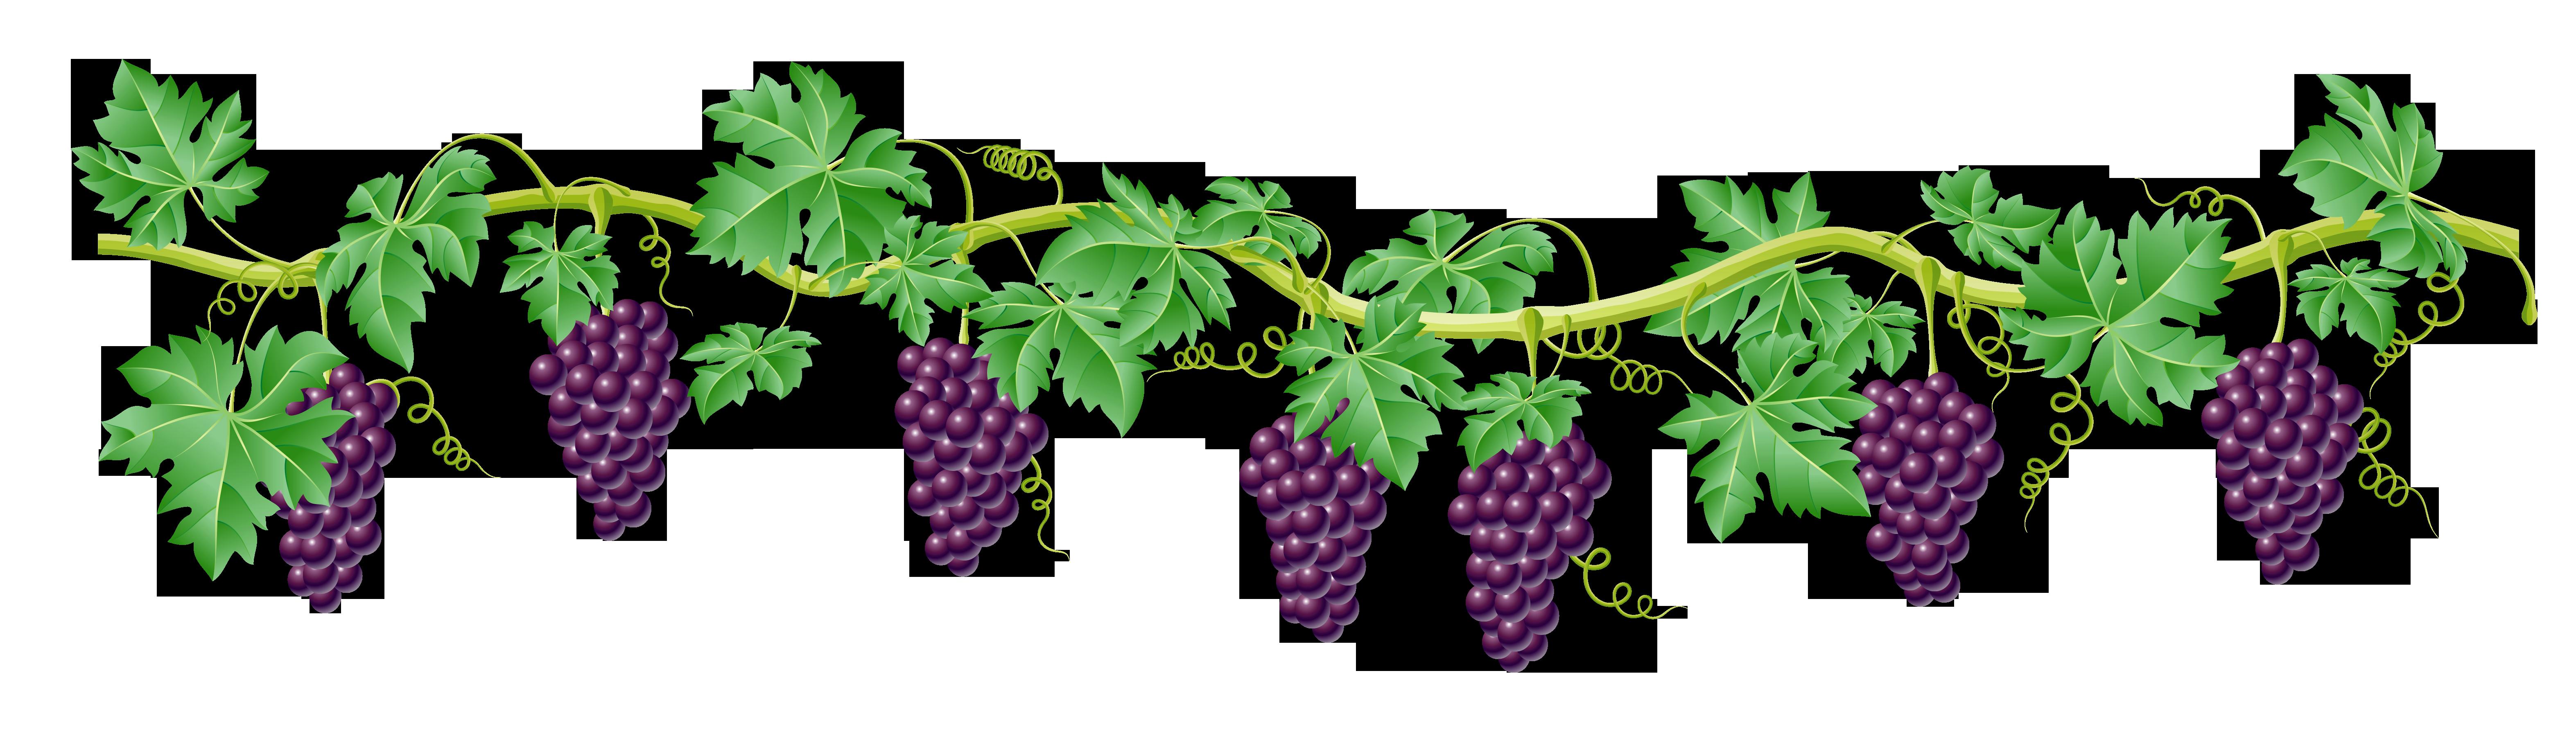 Grape Vine Plant Clipart.